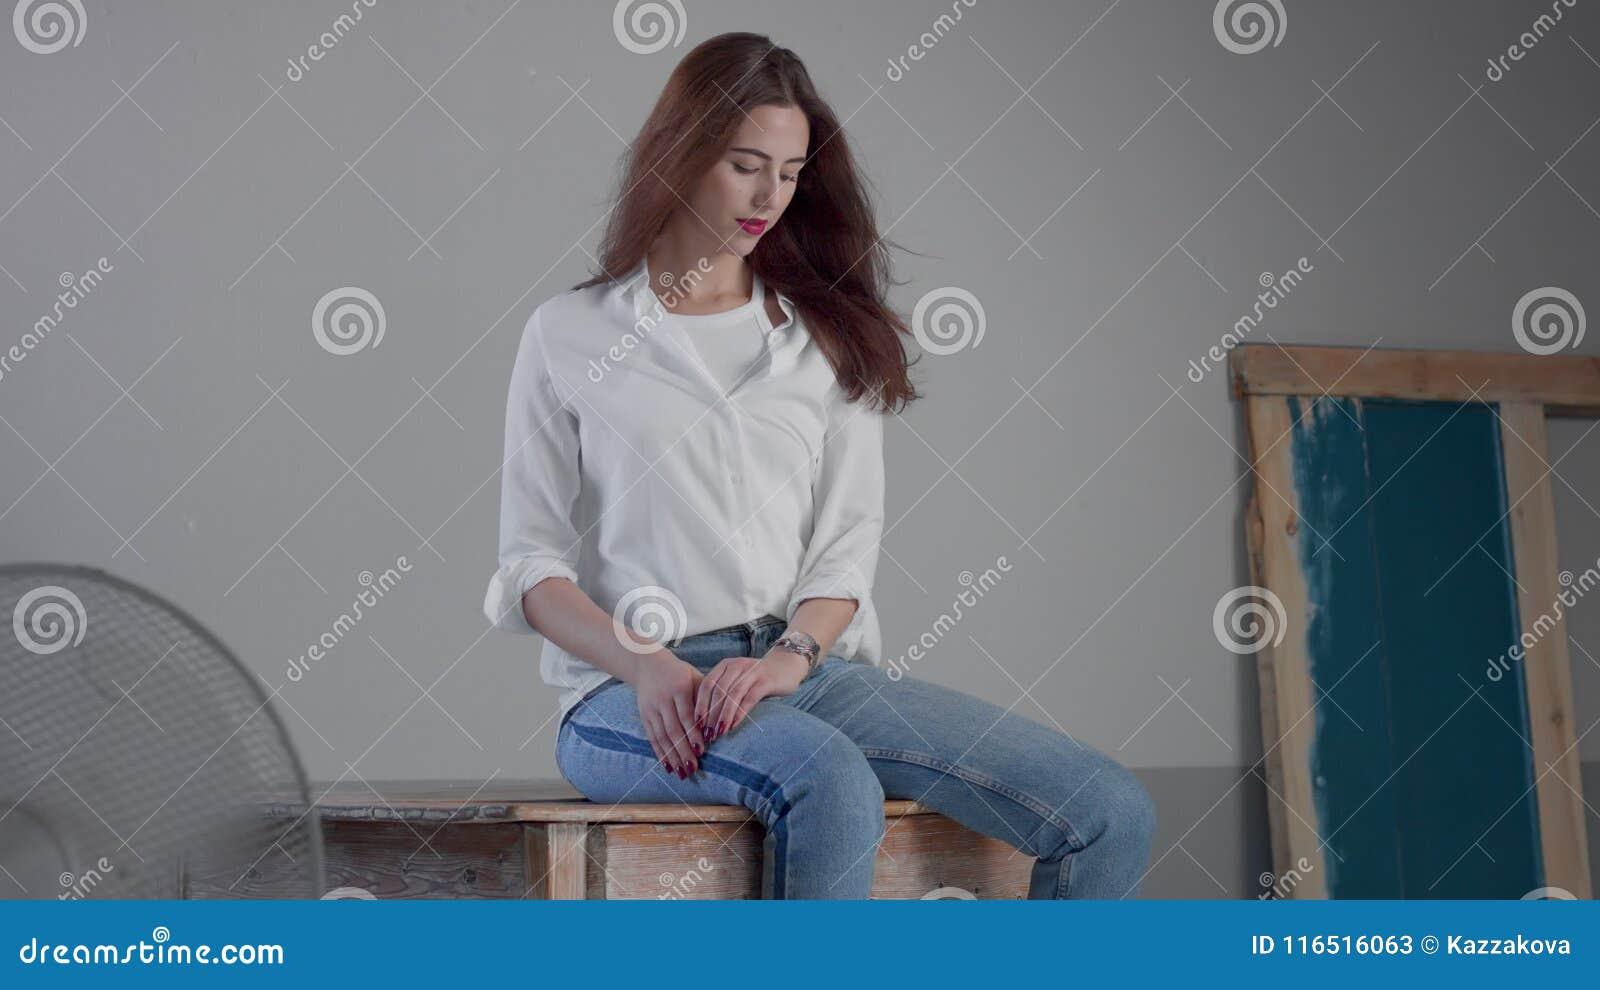 E Bianca Archivi Di Studio La In DirittoCamicia116516063 Industriale I Donna Video Camicia Jeans Porta ZN80PXwknO